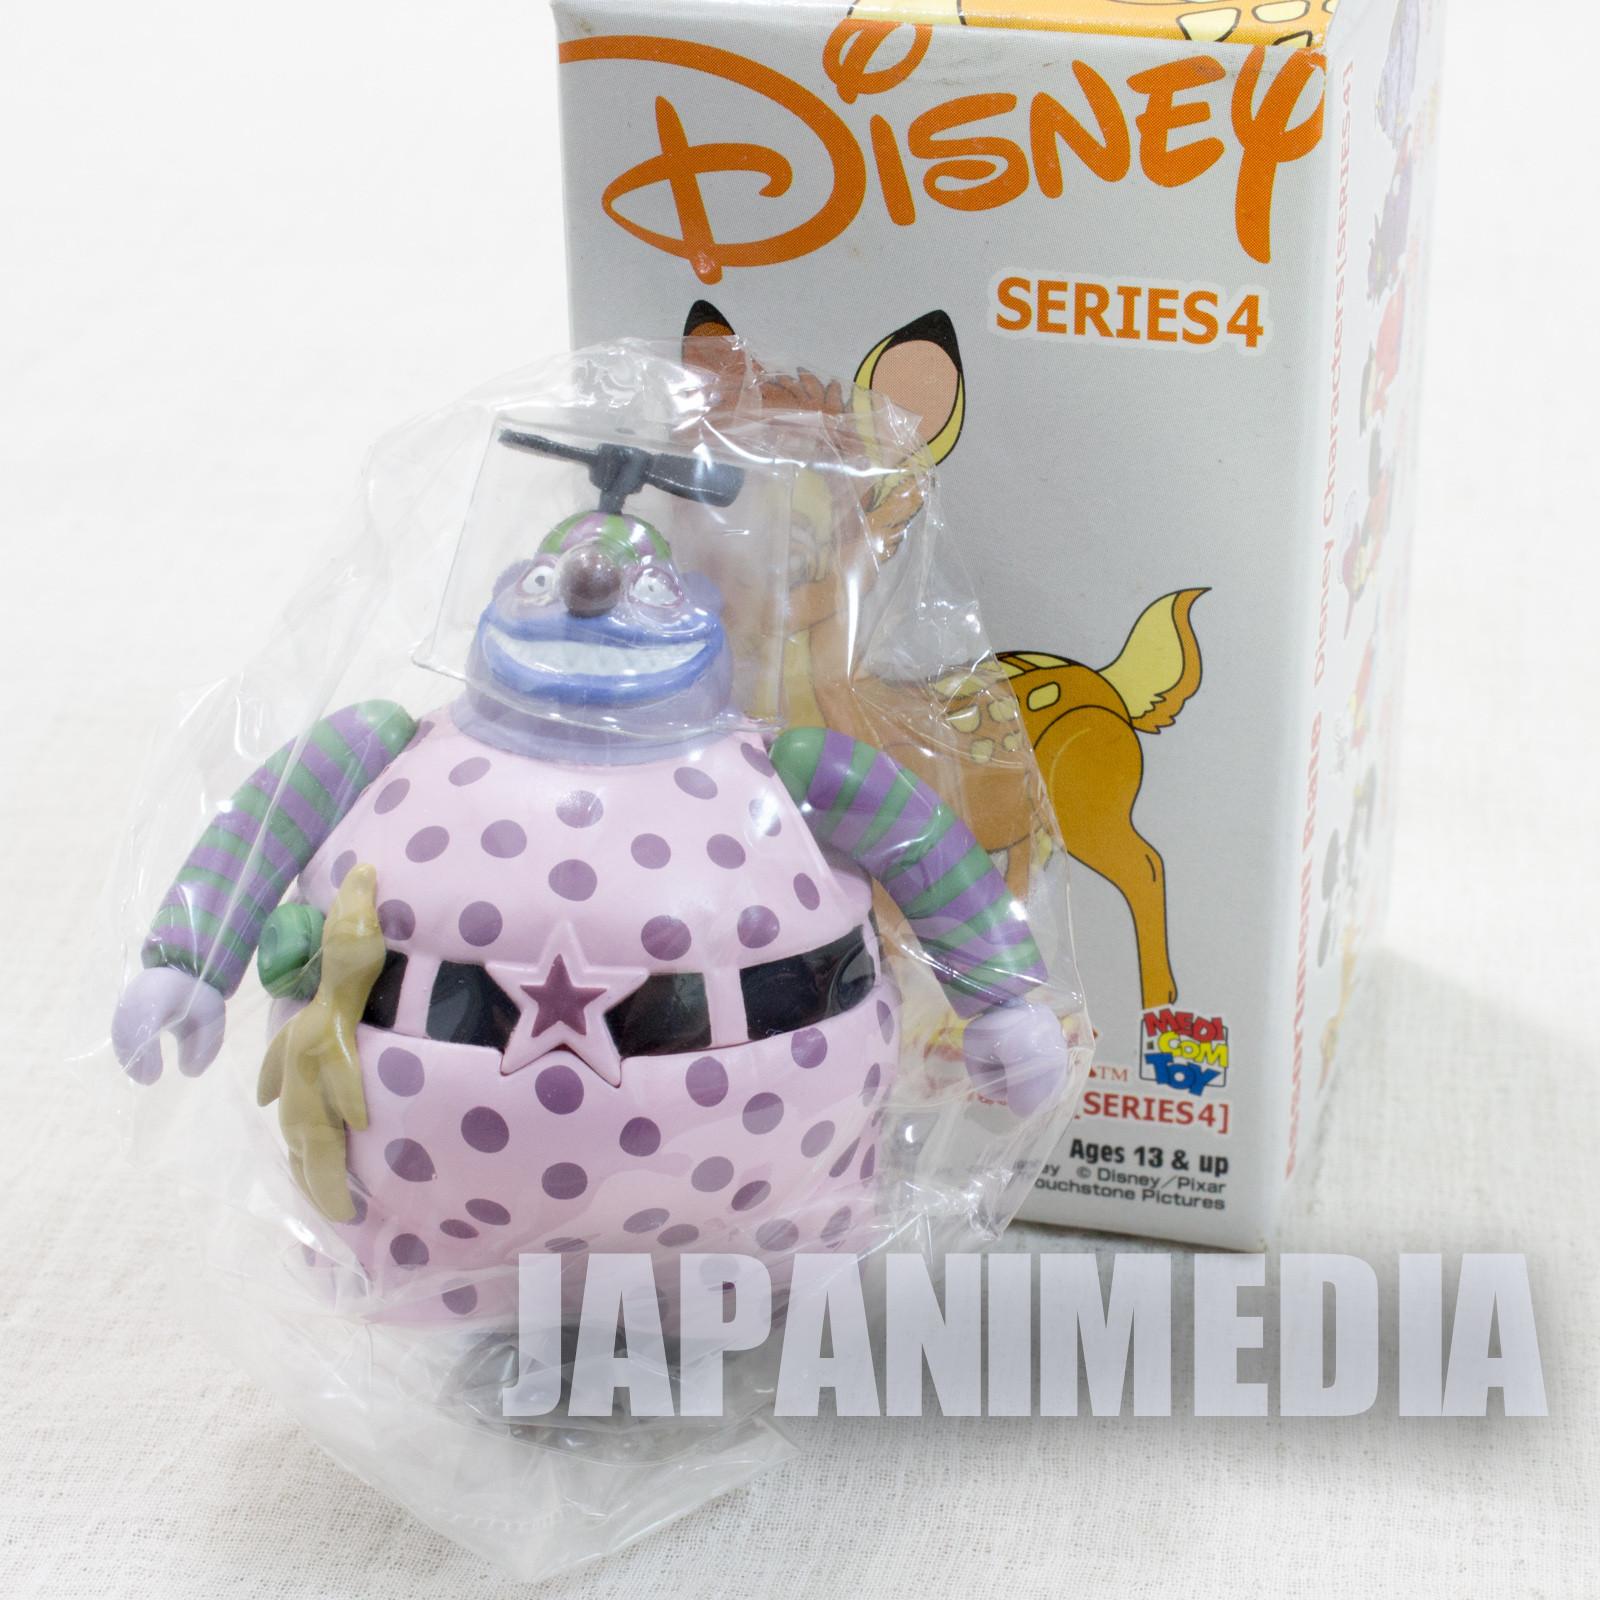 Disney Series 4 Crown Nightmare Before Christmas Kubrick Figure Medicom Toy